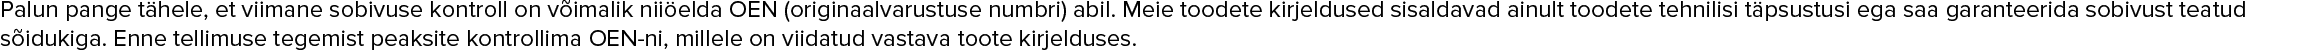 RIDEX 1N4402H, 25184029, 96389188, 96818899, 1109 38 Õlifilter